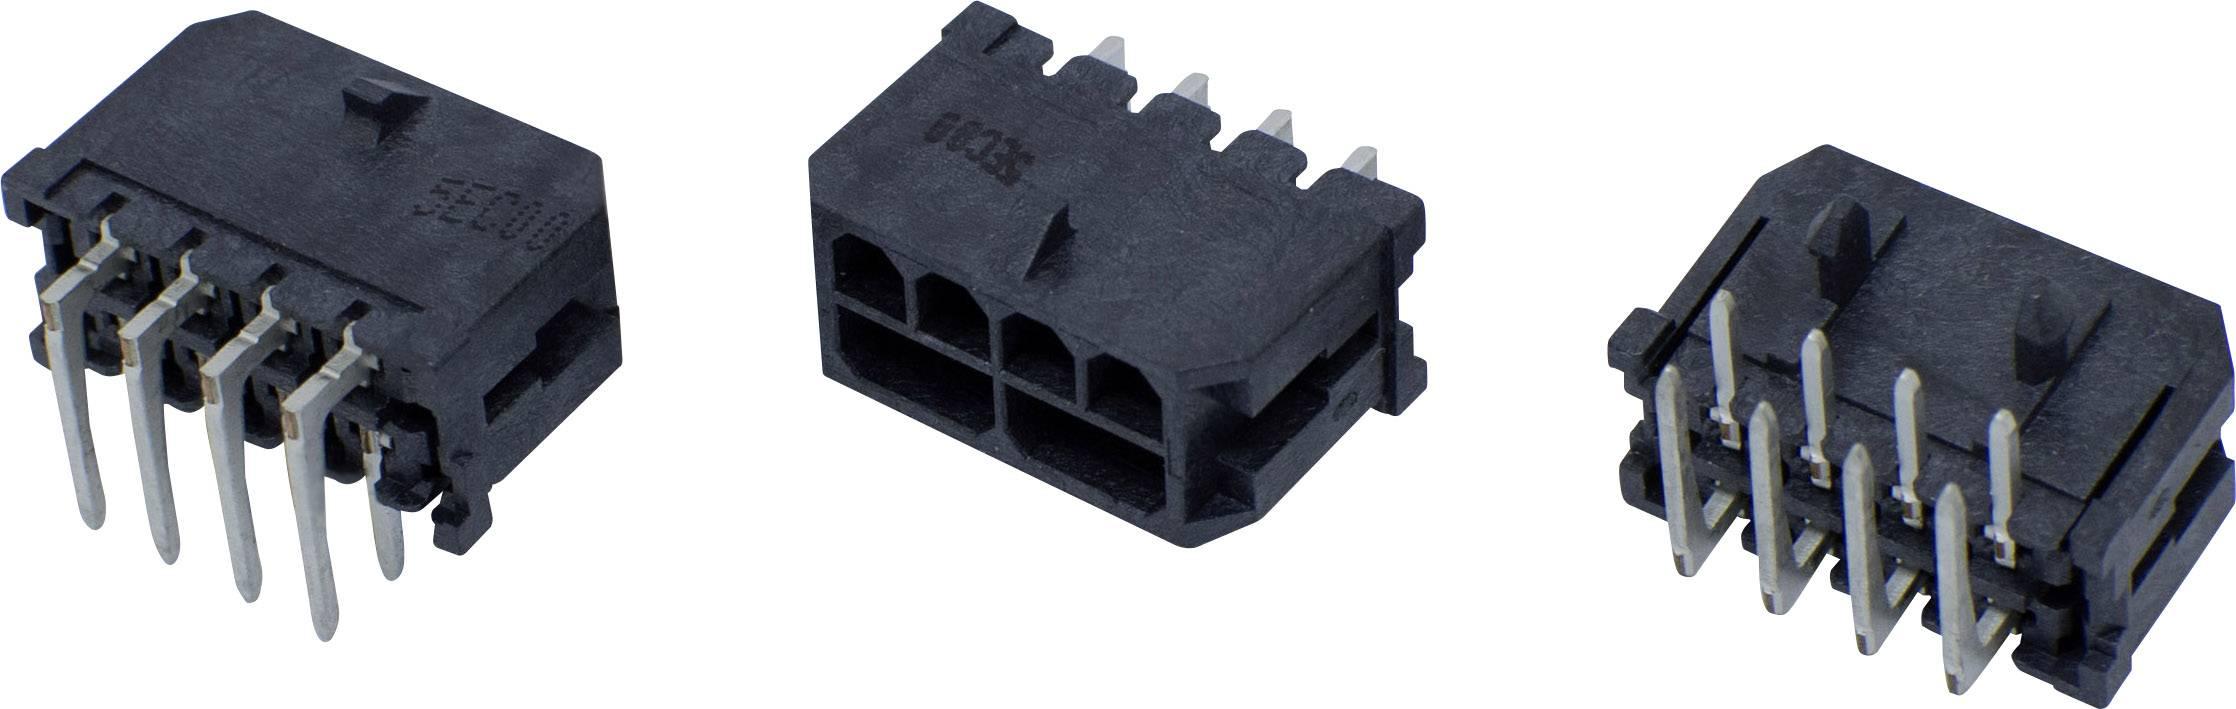 Pinová lišta (štandardná) BellWether 70095-1408, pólů 14, rozteč 3 mm, 1 ks